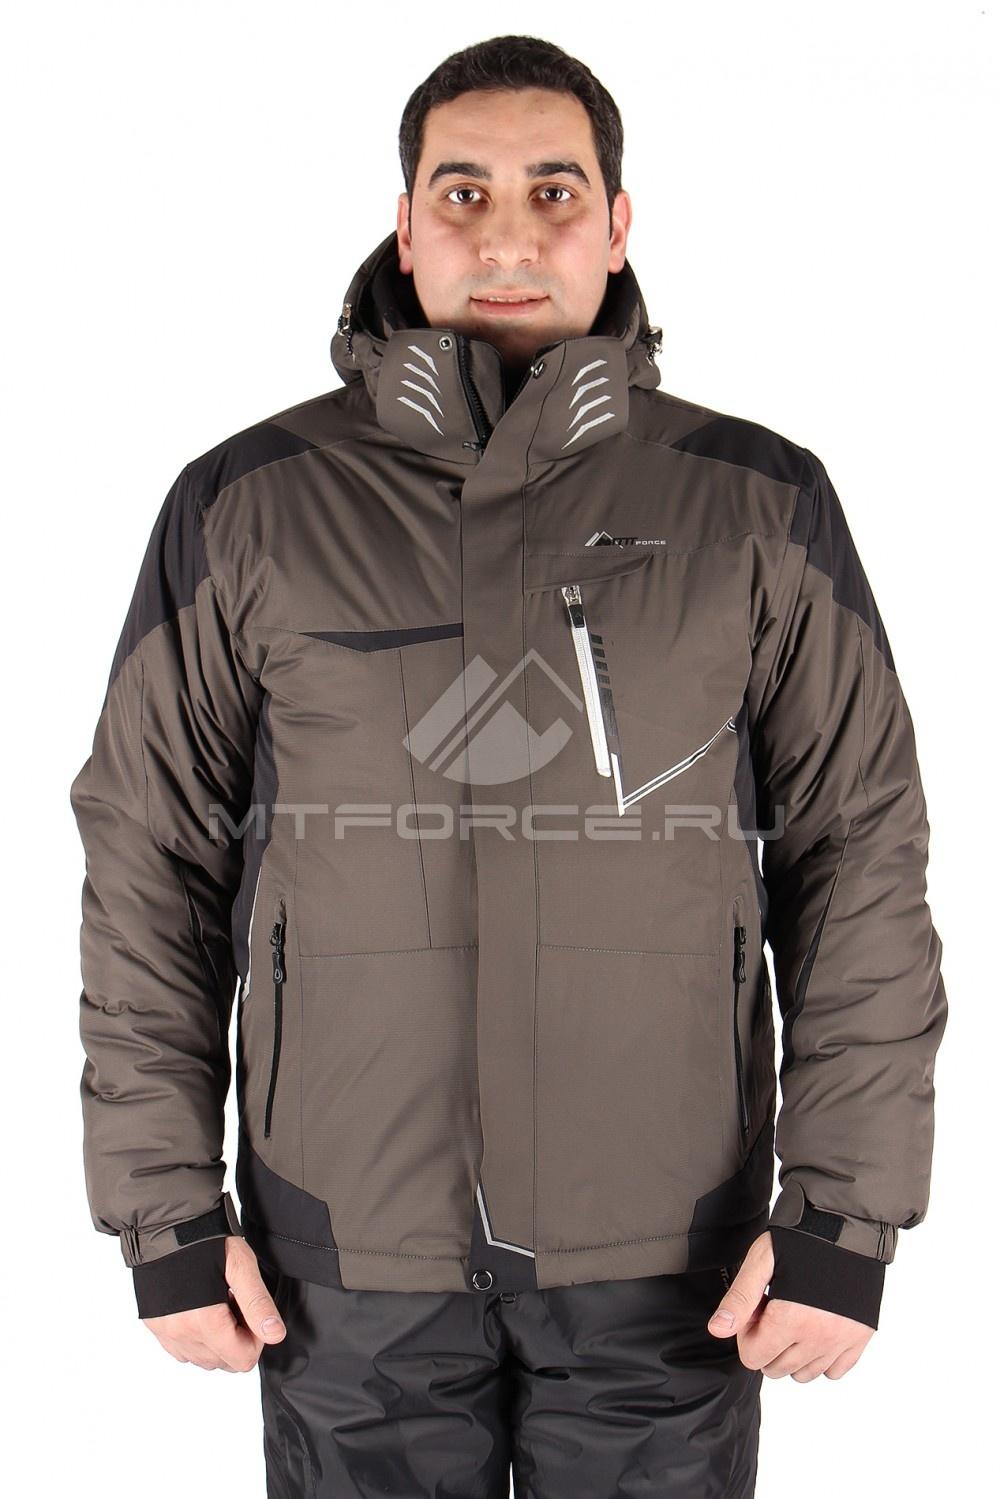 Купить                                  оптом Куртка горнолыжная мужская цвета хаки 1555Kh